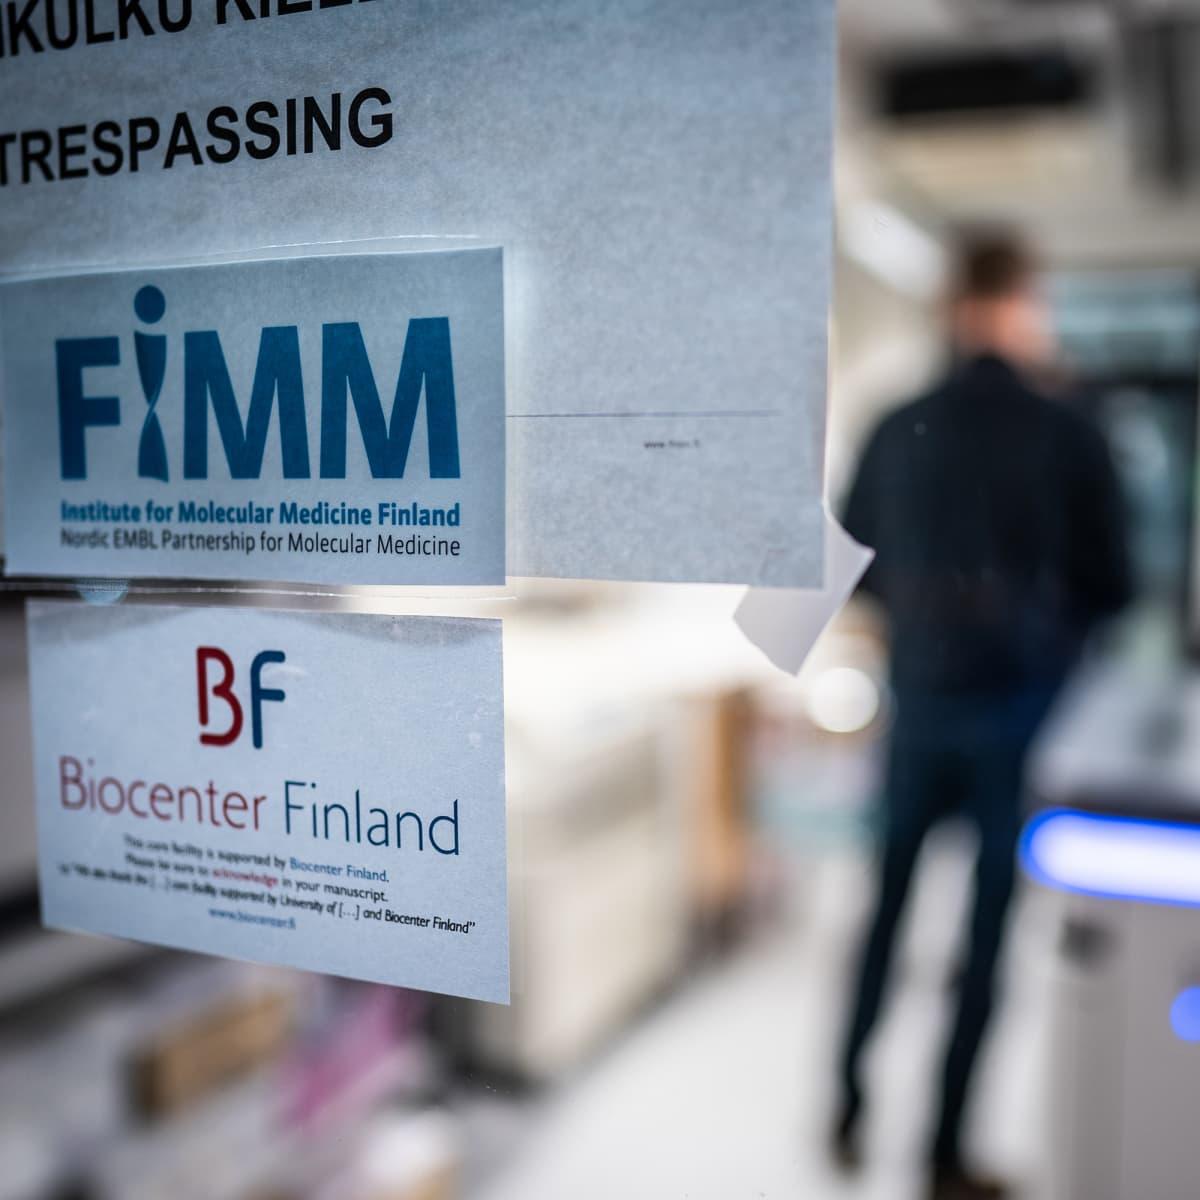 FIMM-teksti paperilapussa laboratorion lasiovessa, oven läpi näkyy mieshahmo.